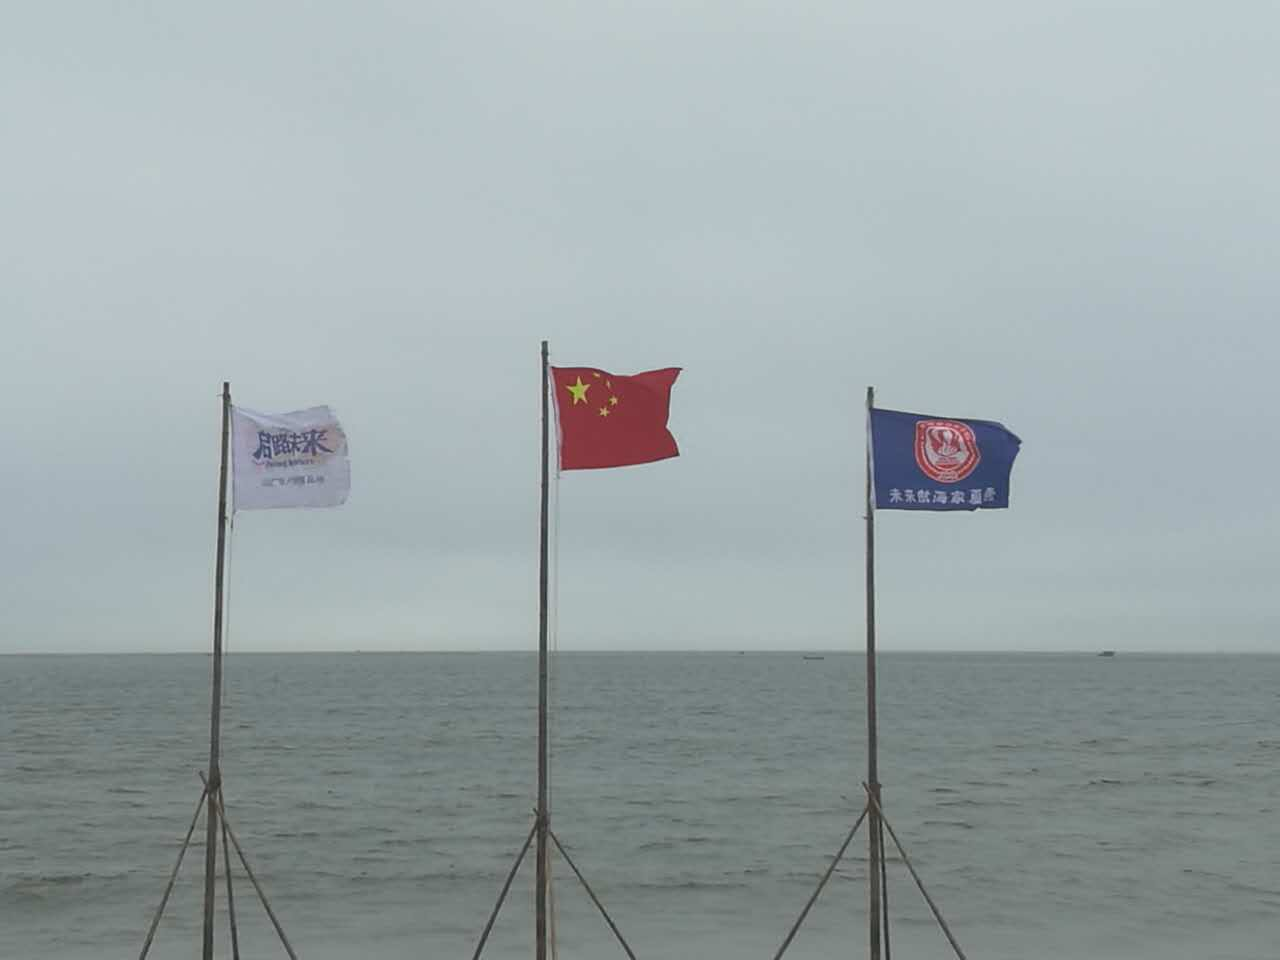 【在路上】未来航海家航行日记之DAY9/10:说再见,新起航!